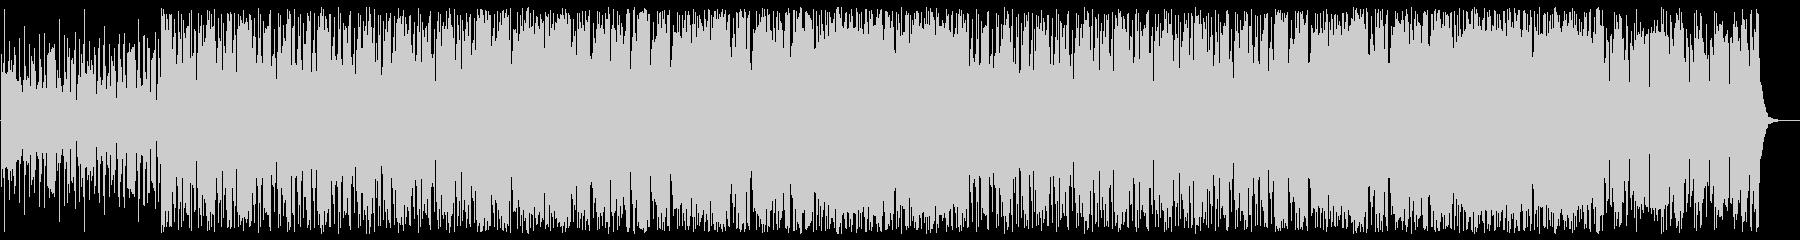 アダルトな1980年代風フュージョンの未再生の波形